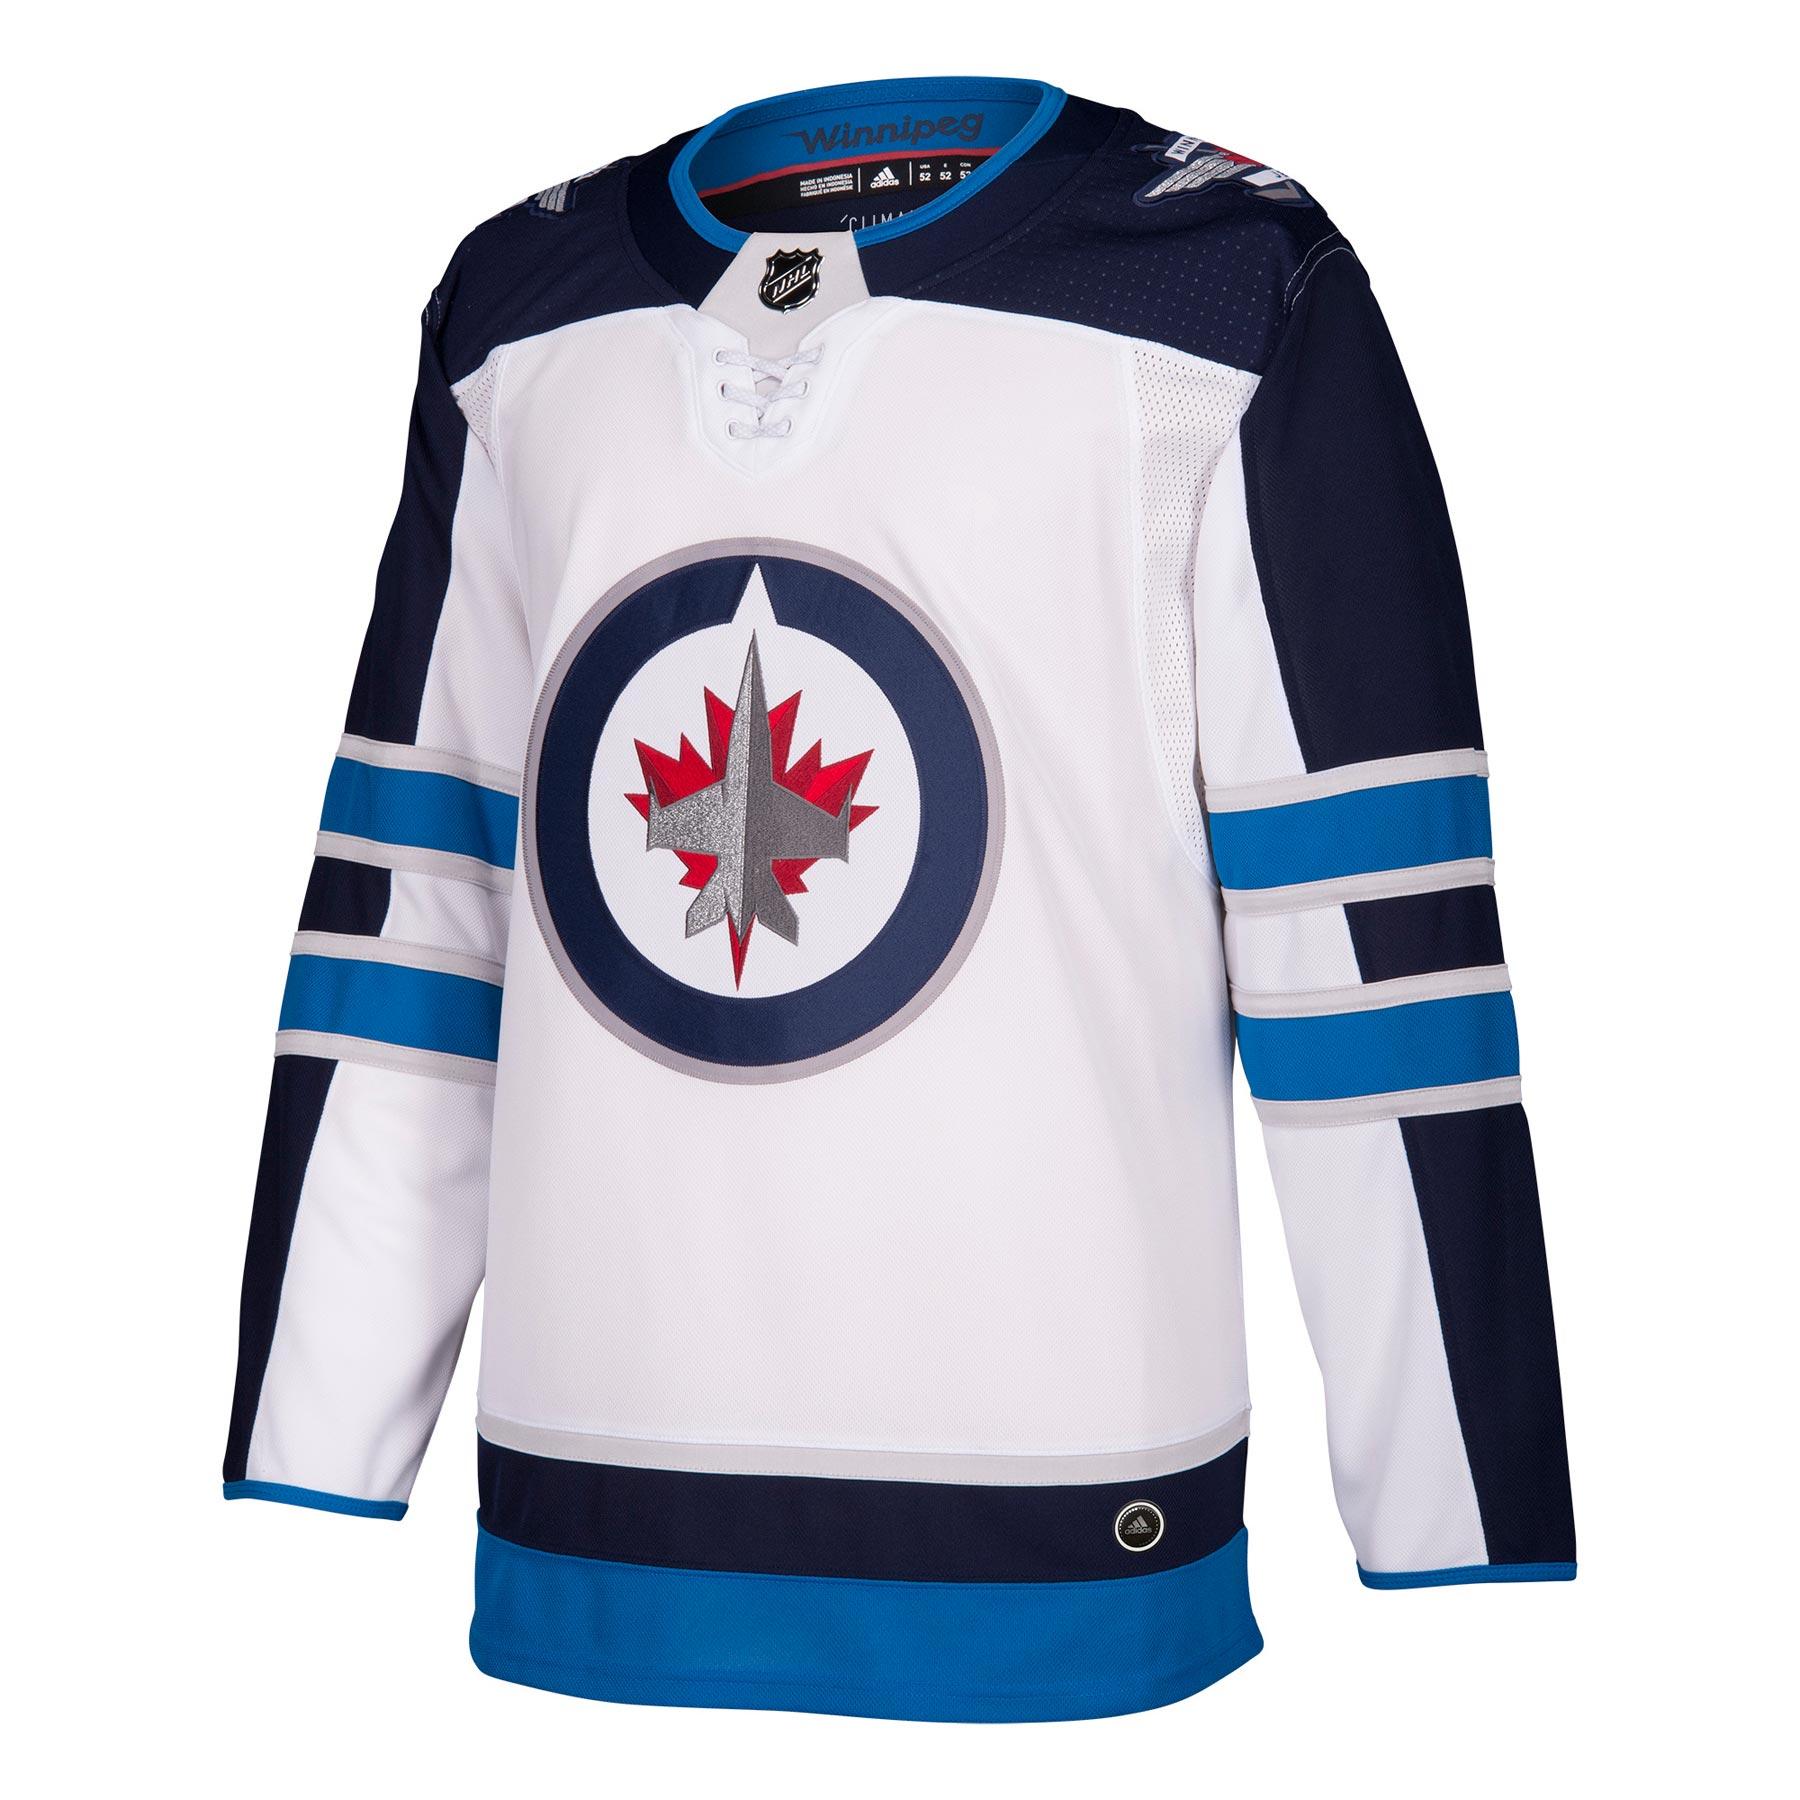 buy online 44126 8f98a Winnipeg Jets Jerseys Price Compare